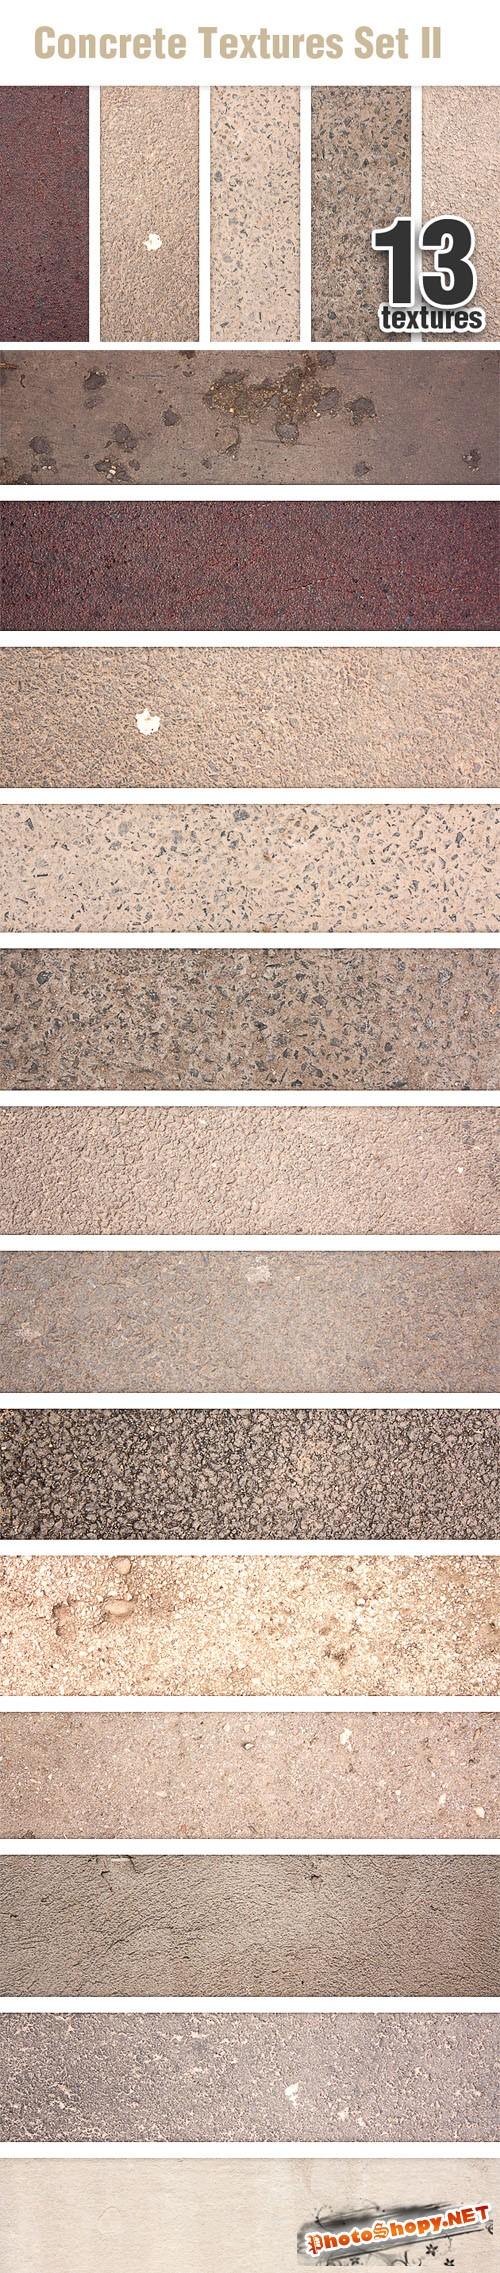 Designtnt - Concrete Textures Set 2